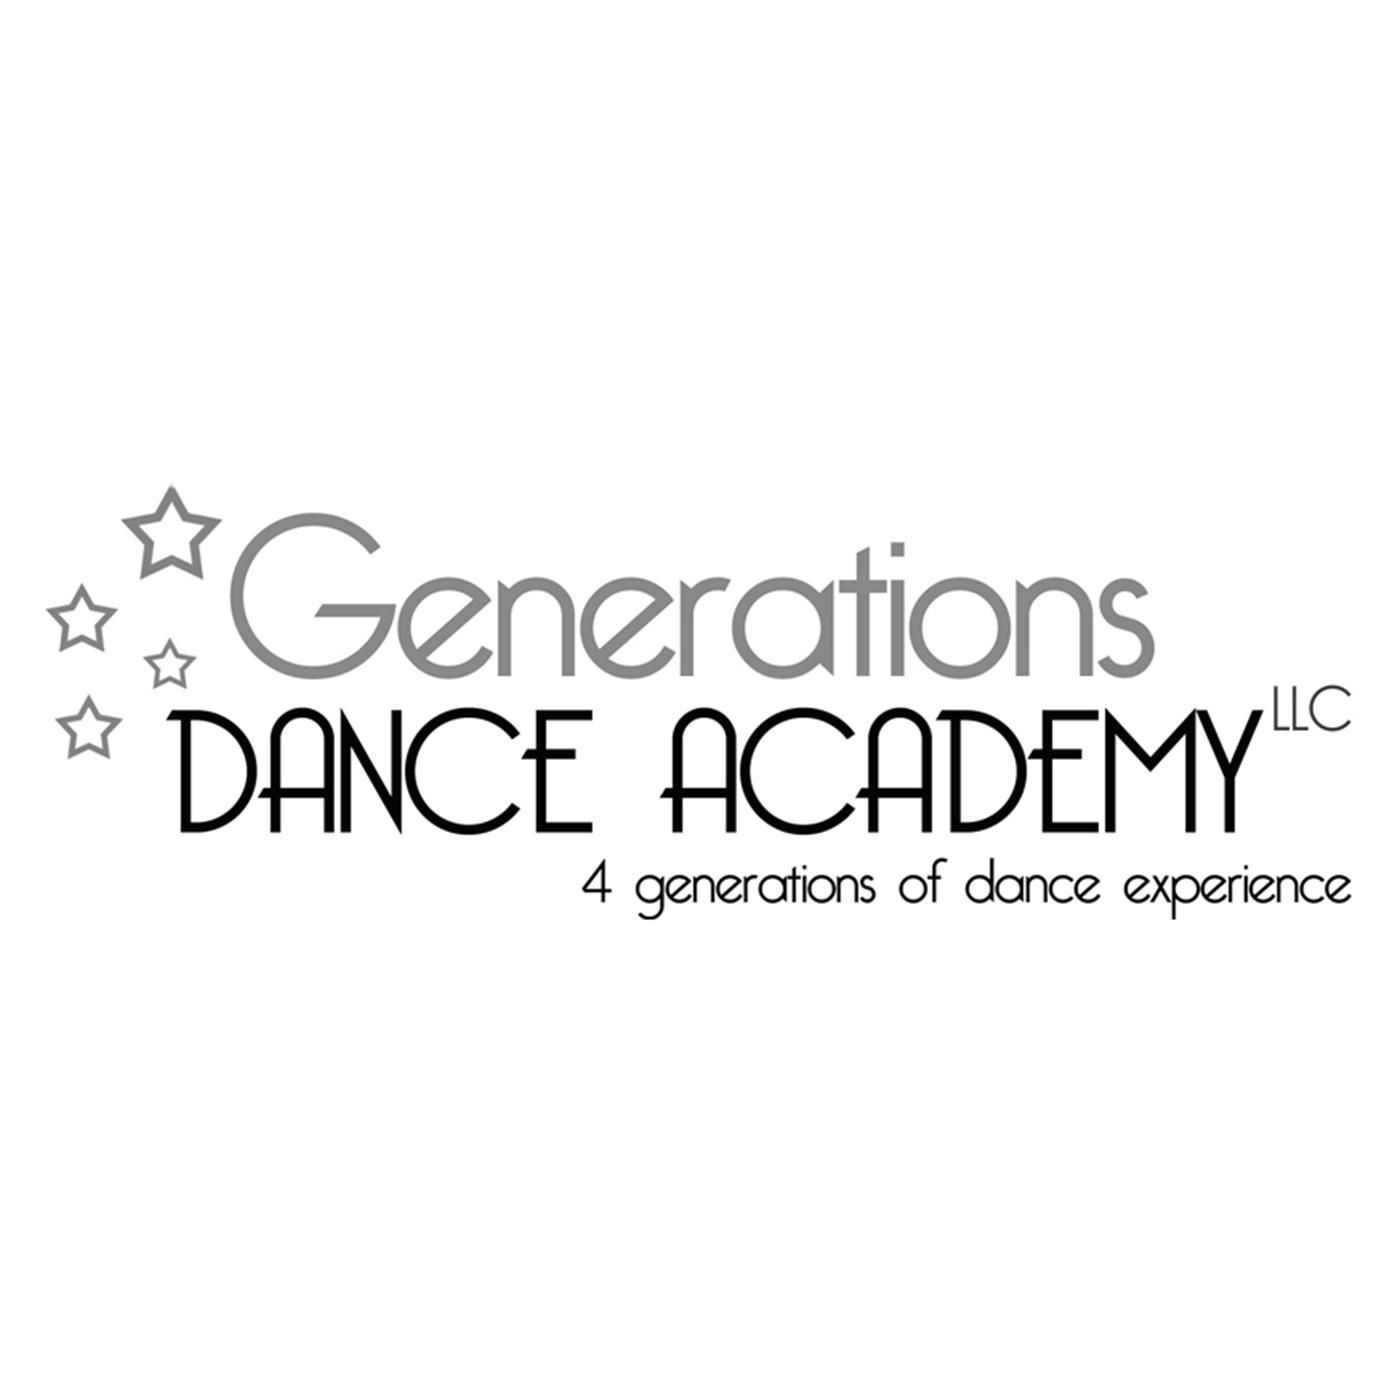 generations_logo.jpg